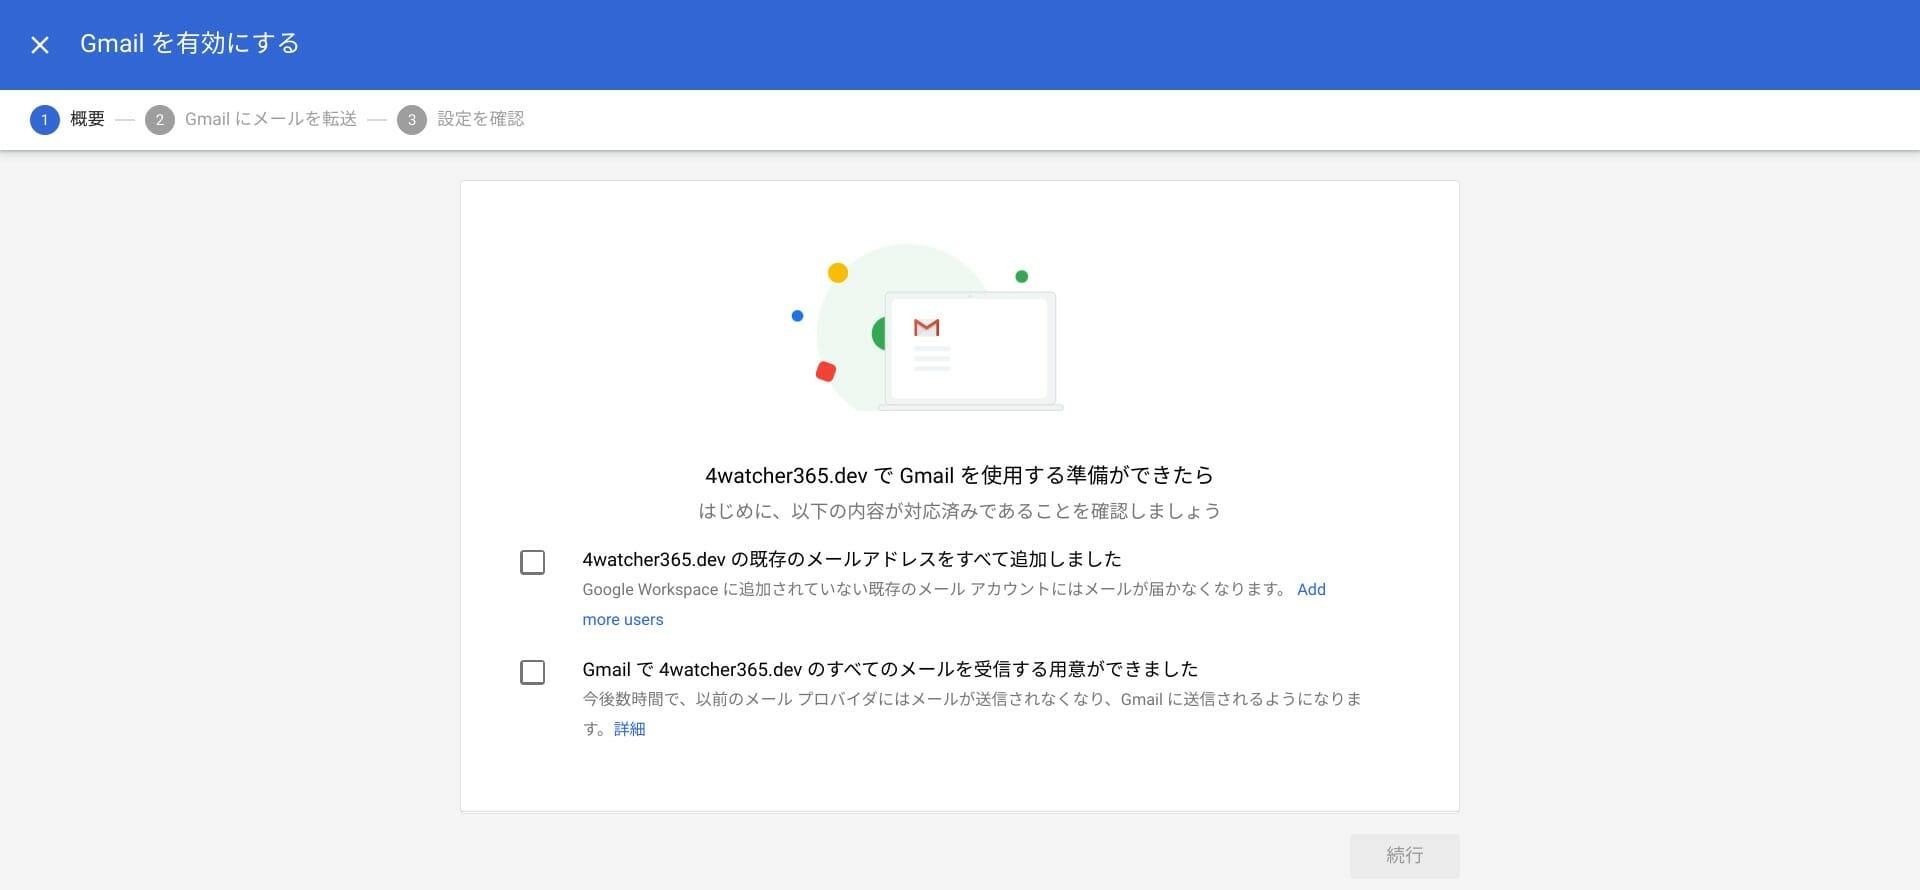 Google 管理コンソール:Gmail を使用する準備ができたら